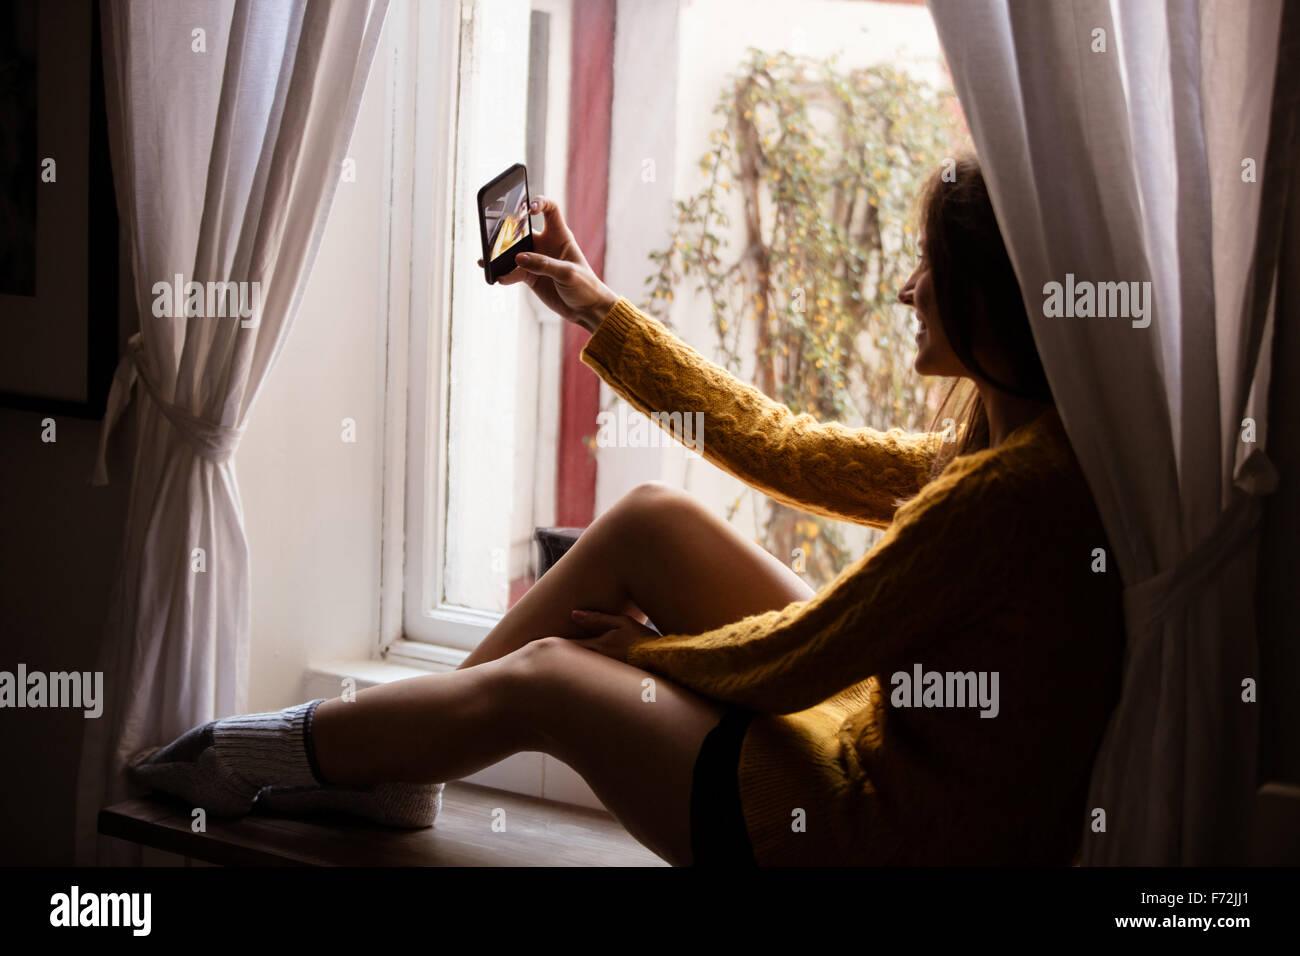 Jeune Femme prenant une près de la fenêtre selfies Photo Stock